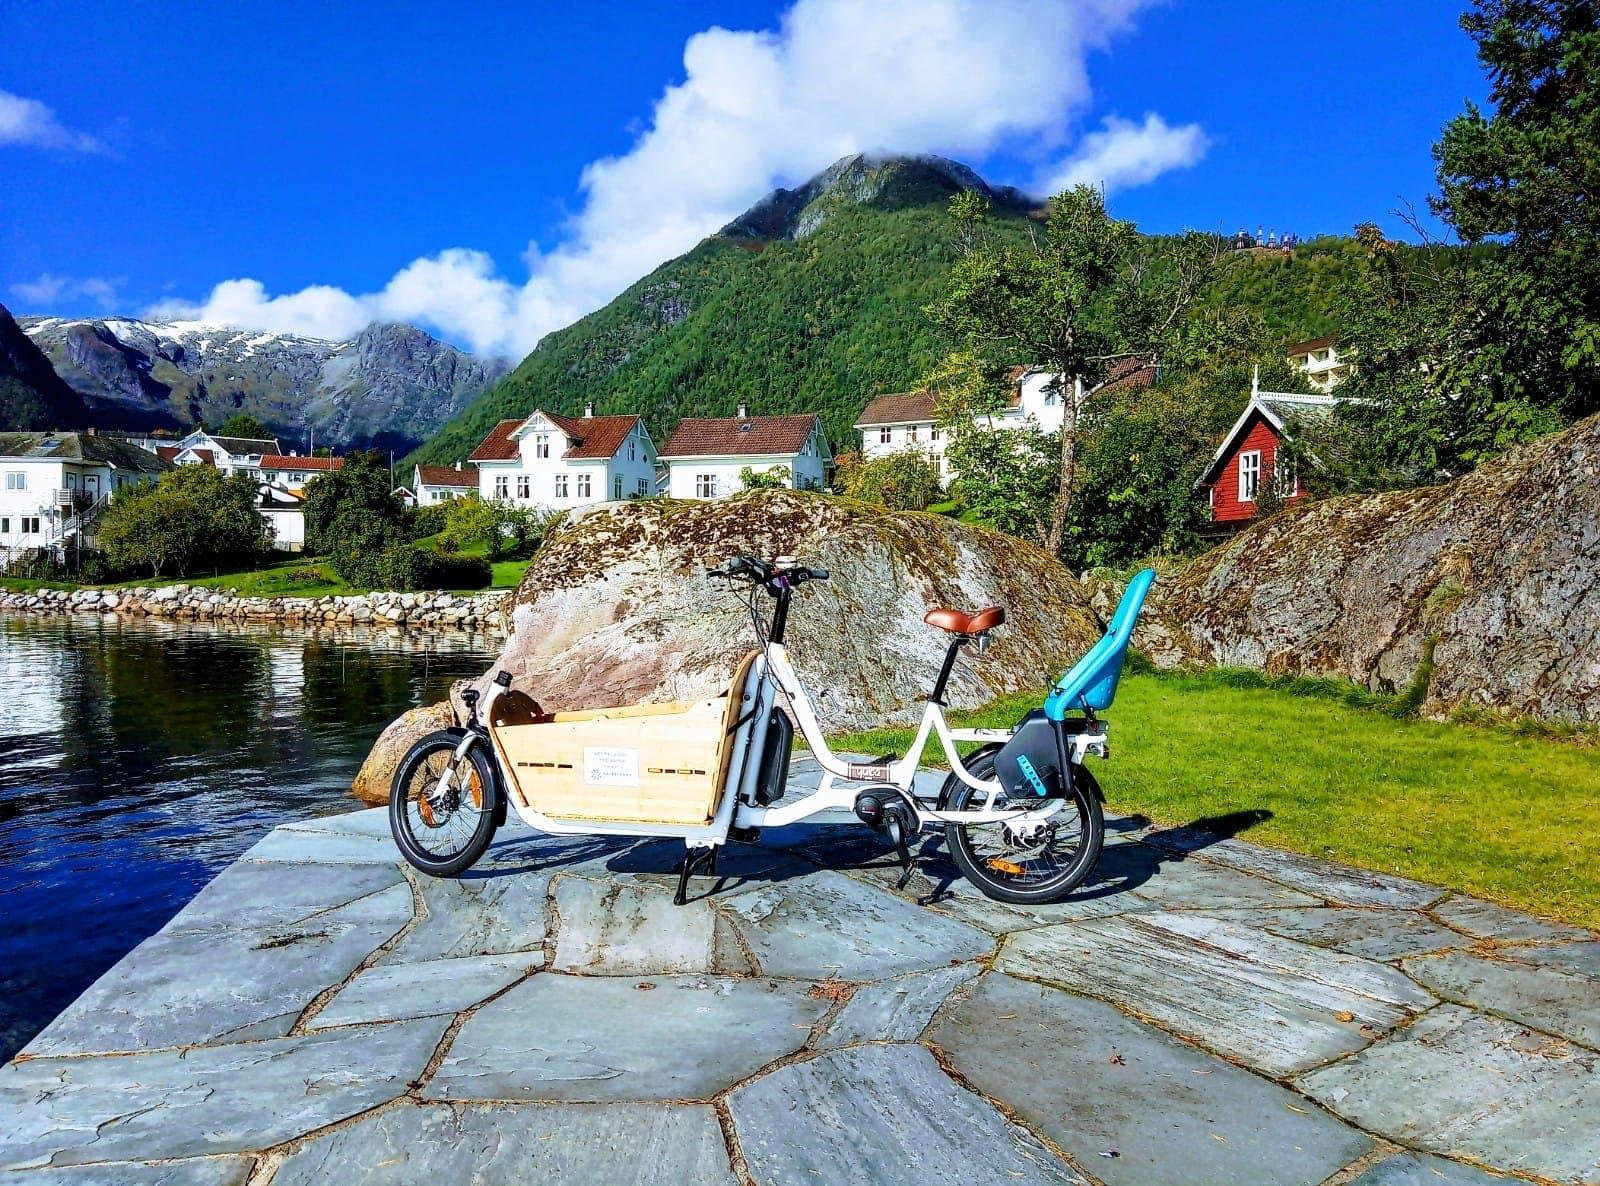 Rent e-Bike & children? - Try our sporty and fun Yuba Supermarche'!